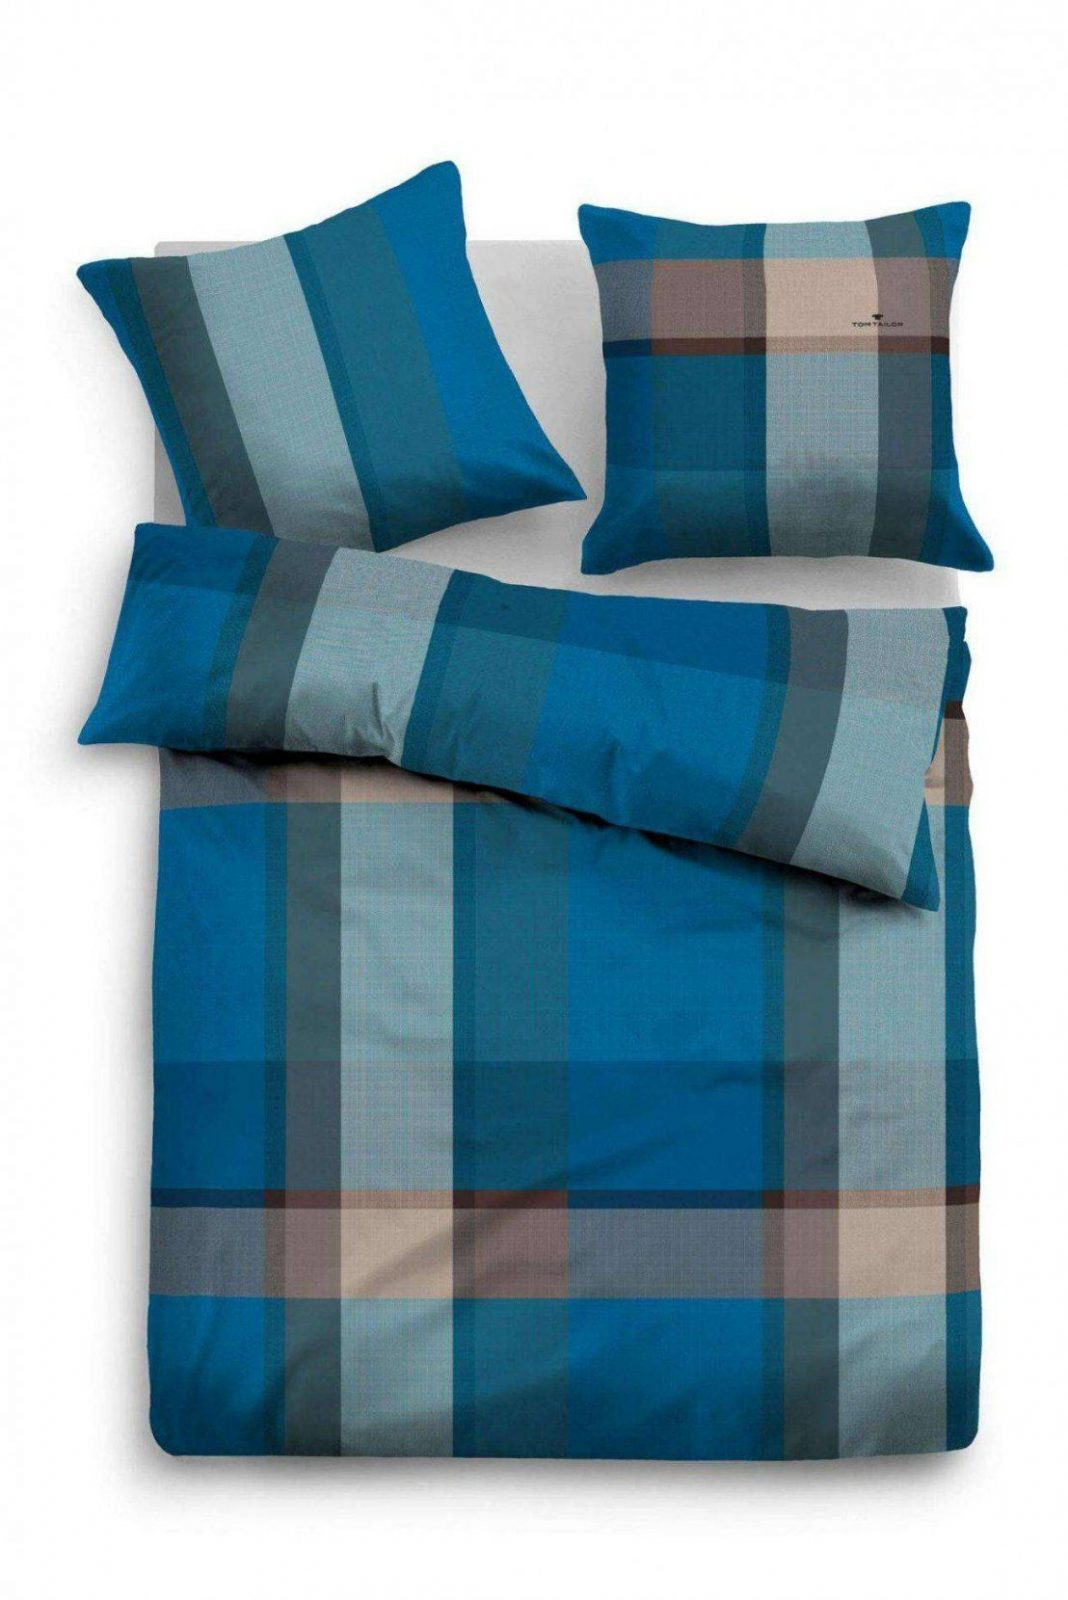 tom tailor bettw sche con tom tailor kaufen baur und. Black Bedroom Furniture Sets. Home Design Ideas